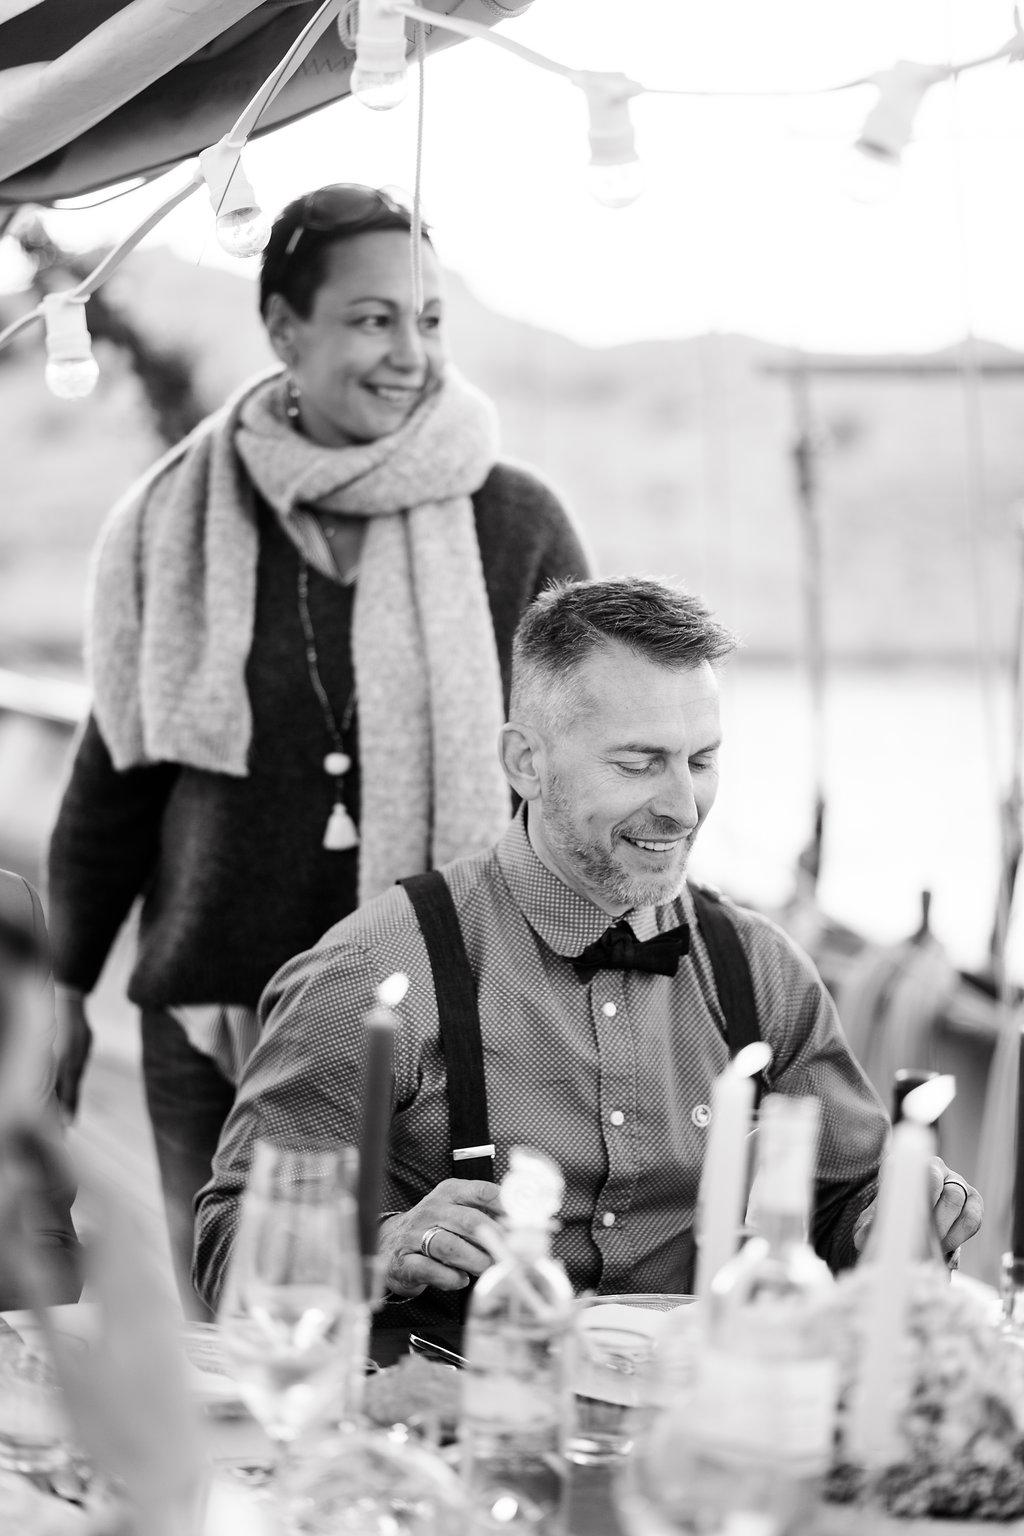 le coeur dans les etoiles - wedding planner - provence - sardaigne - shooting inspiration - mariage voilier - audrey carnoy - corine 1